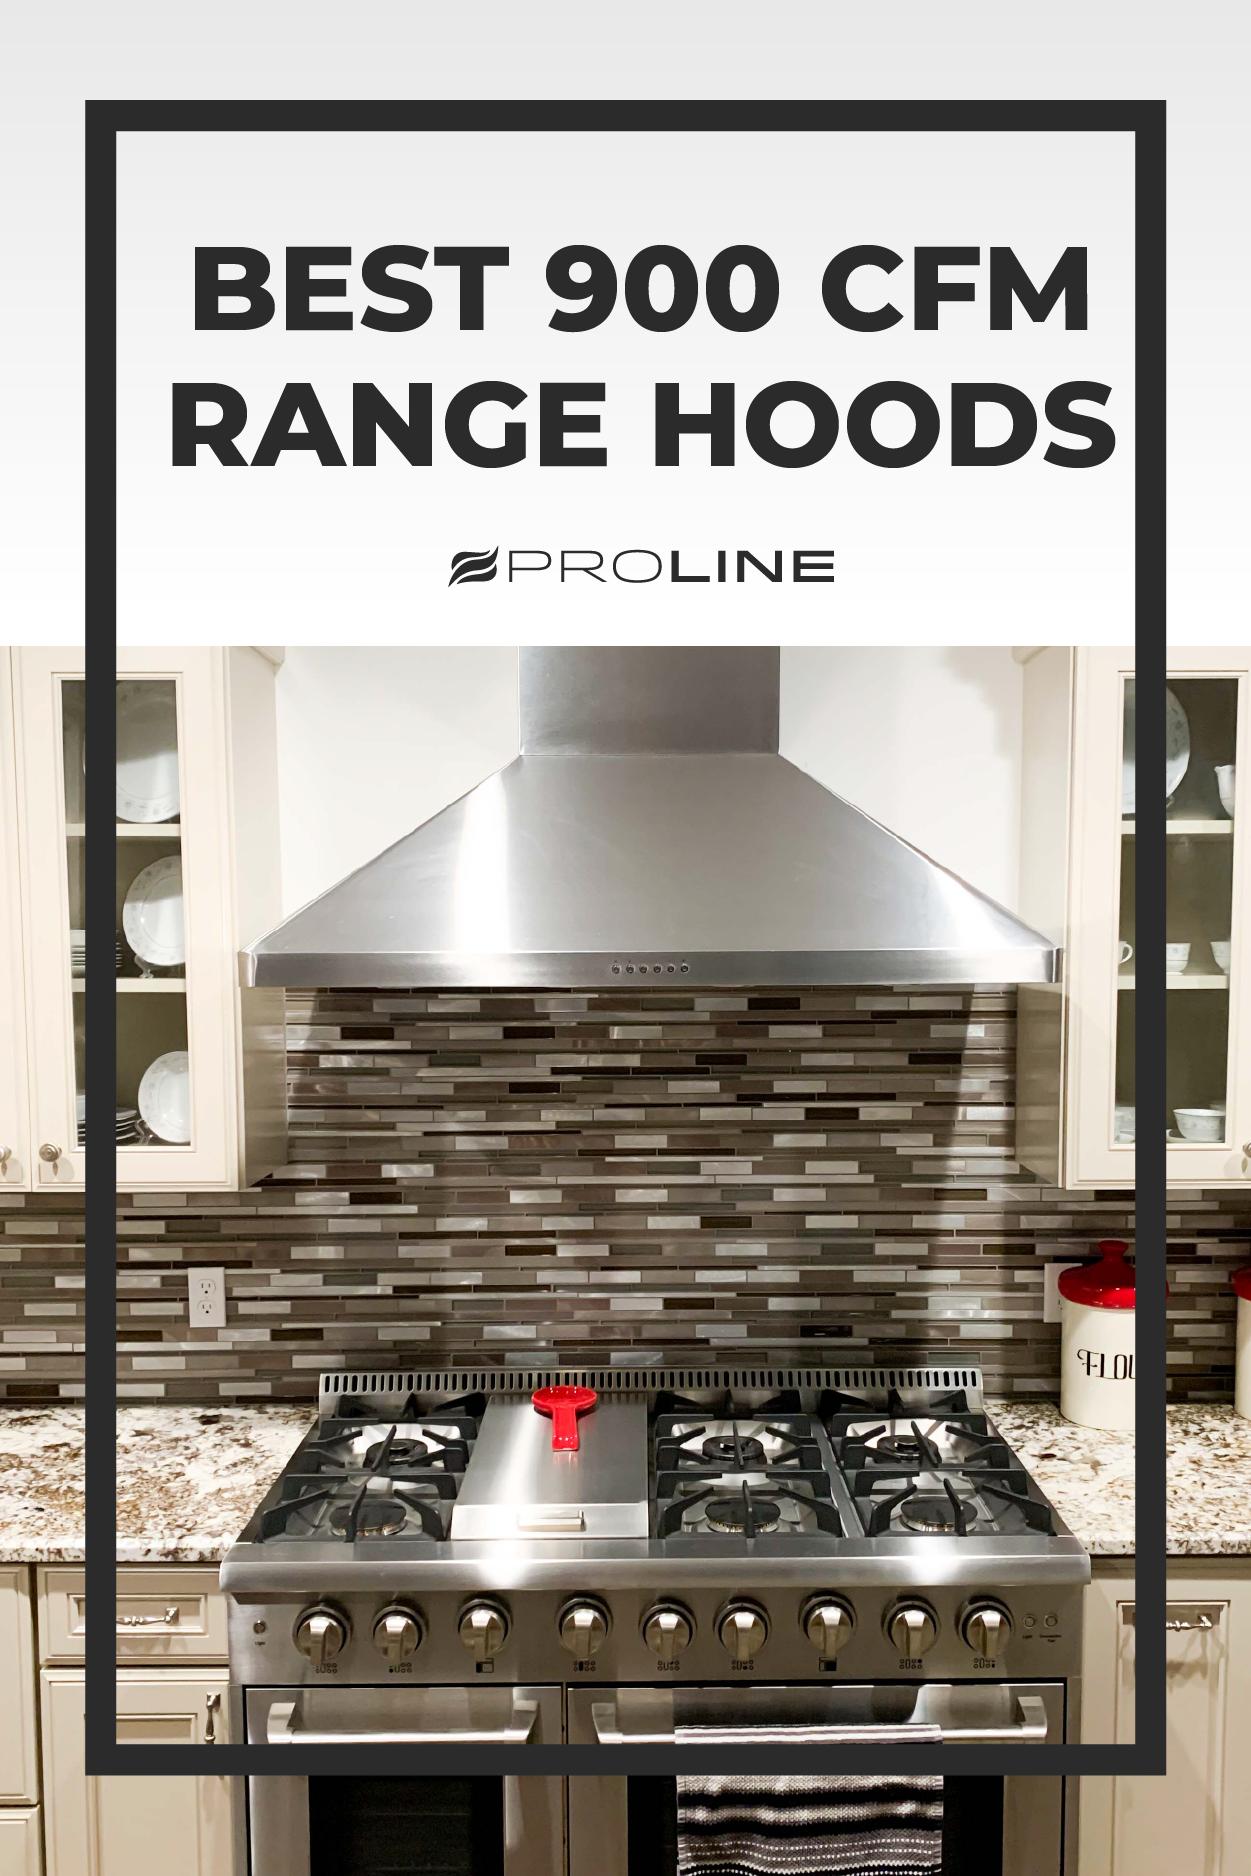 Best 900 Cfm Range Hoods And Buyer S Guide Range Hoods Kitchen Ventilation Proline Range Hood